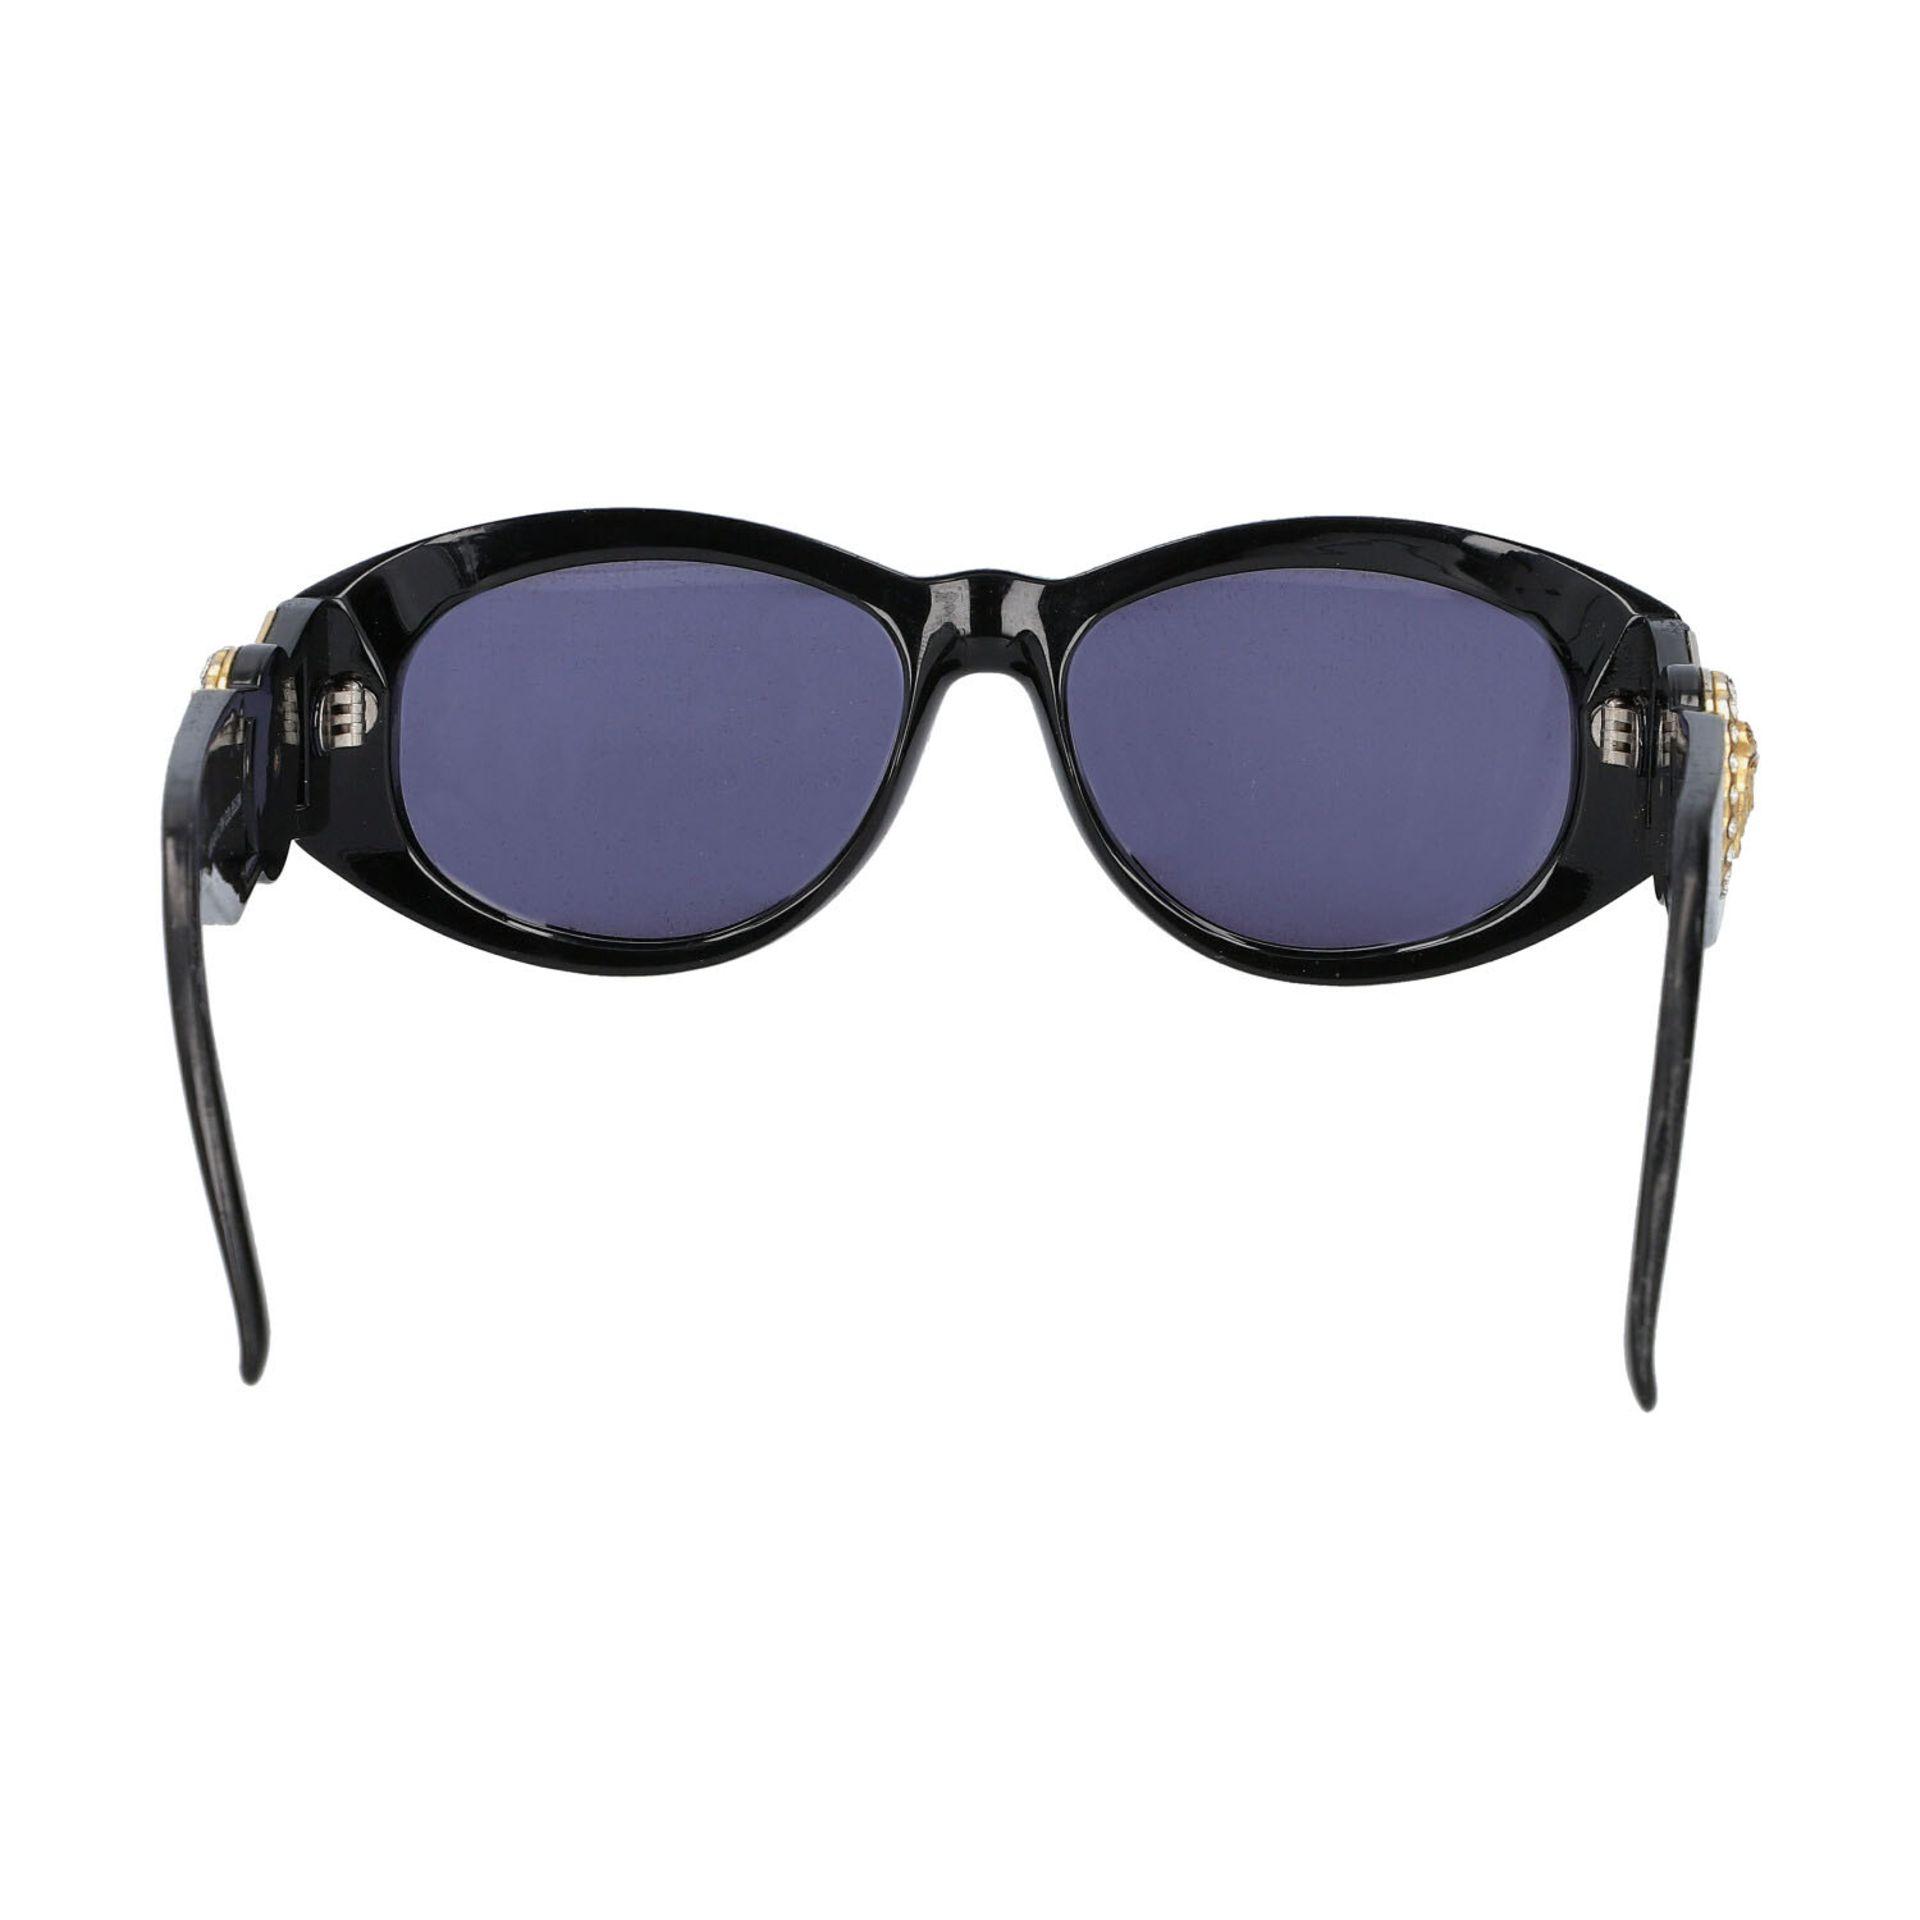 """GIANNI VERSACE VINTAGE Sonnenbrille """"MOD 424/C COL.852"""".Kunststoffgestell in Schwarz mit dekorativen - Bild 4 aus 4"""